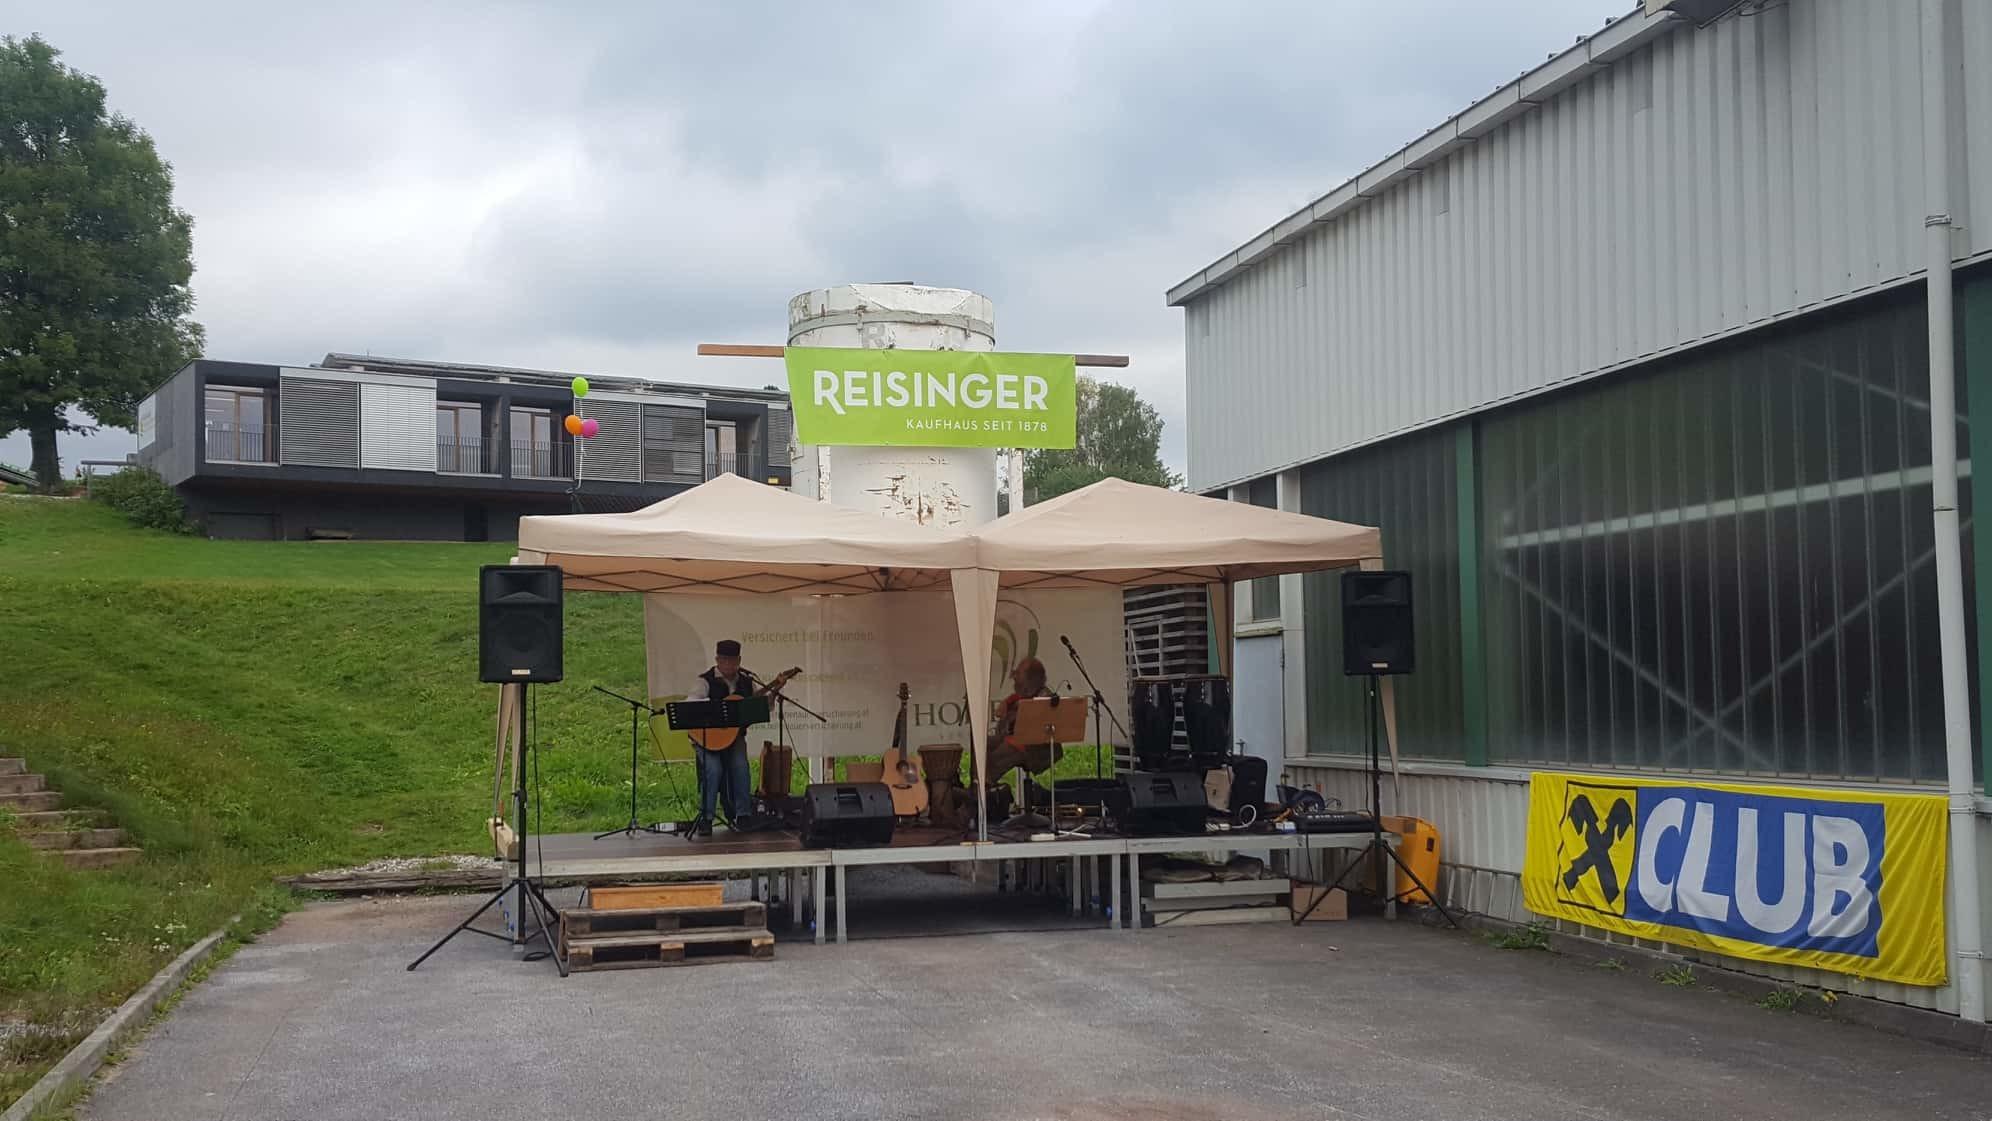 Gemeinsame Musik & Kunst als Zeichen für Gemeinschaftssinn, Nächstenliebe und Nachbarschaft